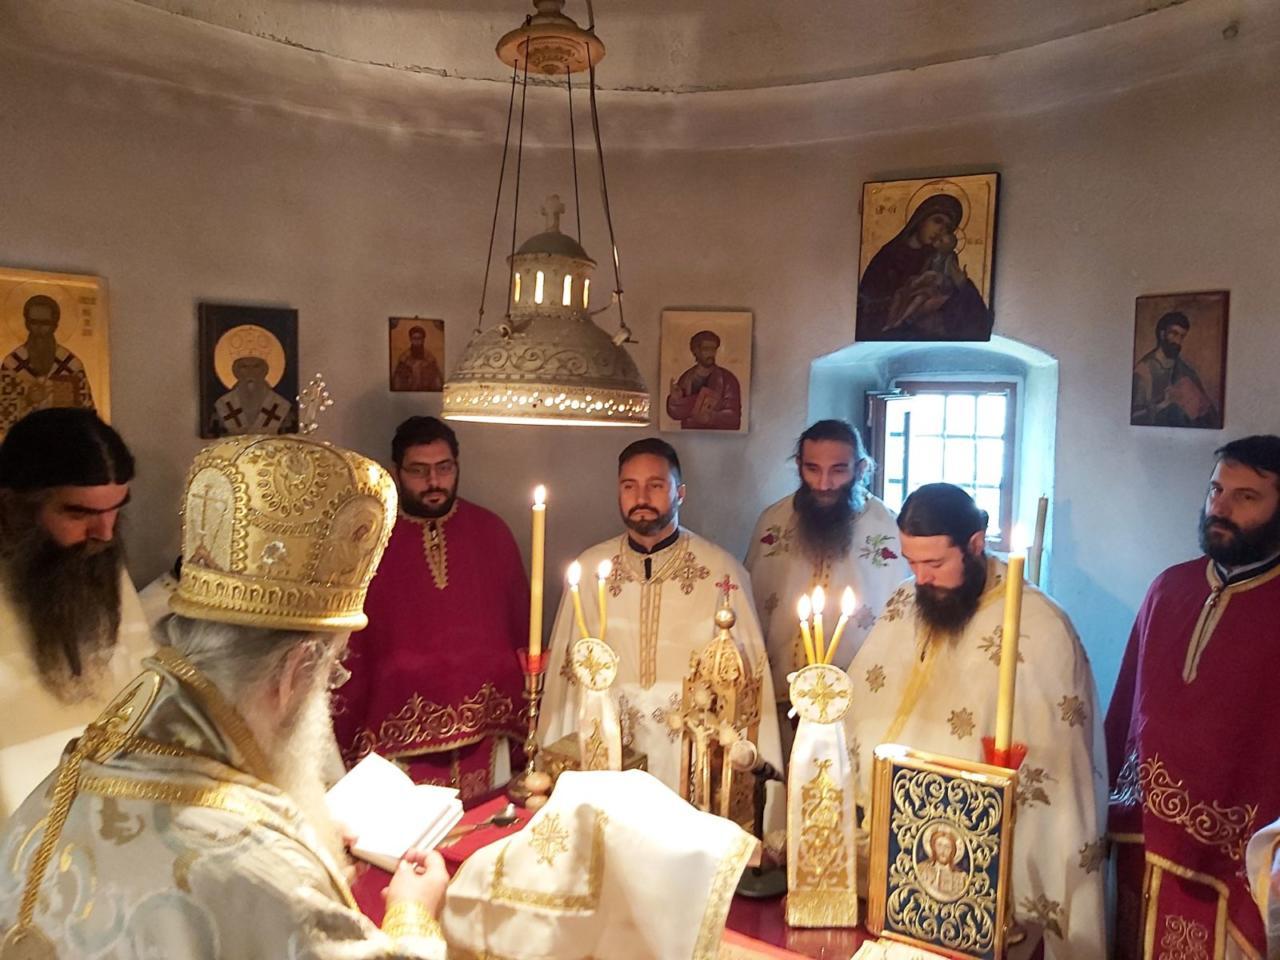 Амфилохије: Богоубилачки и братоубилачки дух у Црној Гори се проглашава за идентитет и будућност Црне Горе